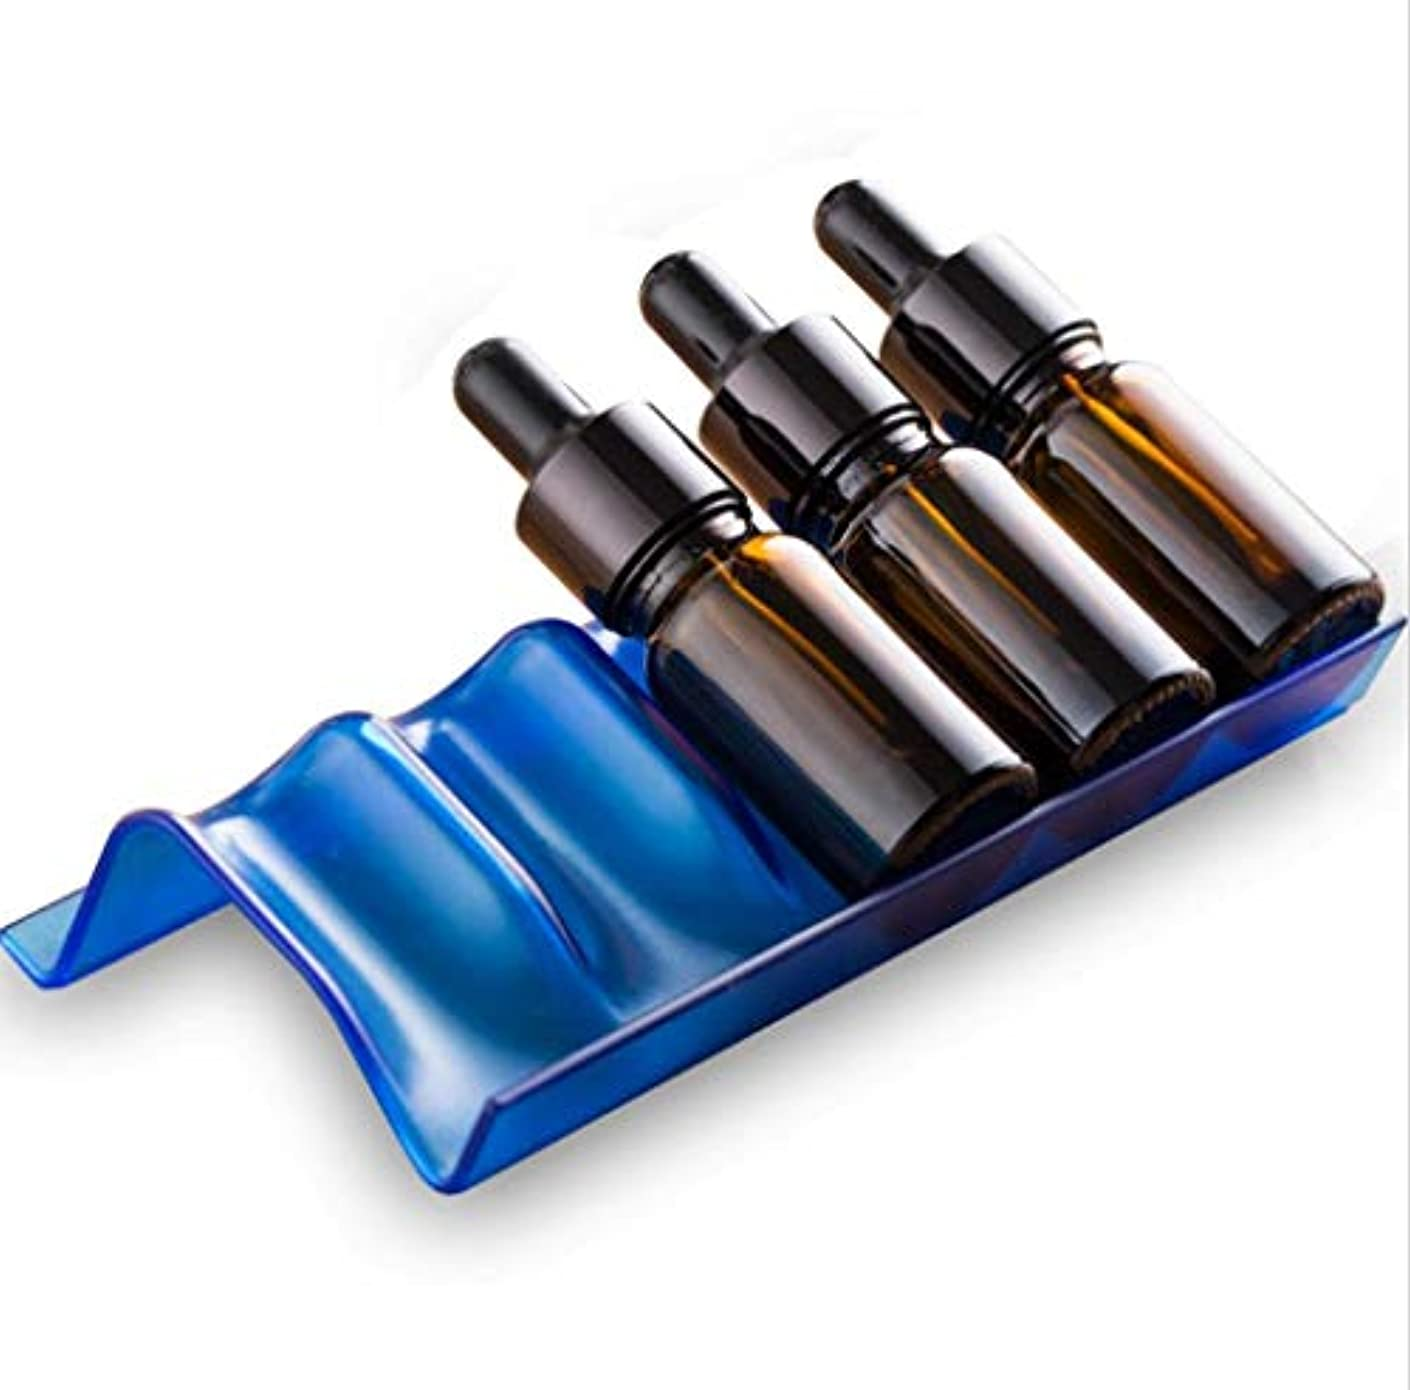 リング隣接曖昧なYONIK エッセンシャルオイル収納ラック 精油 ディスプレイ スタンド 香水収納 展示スタンド (青, 3)